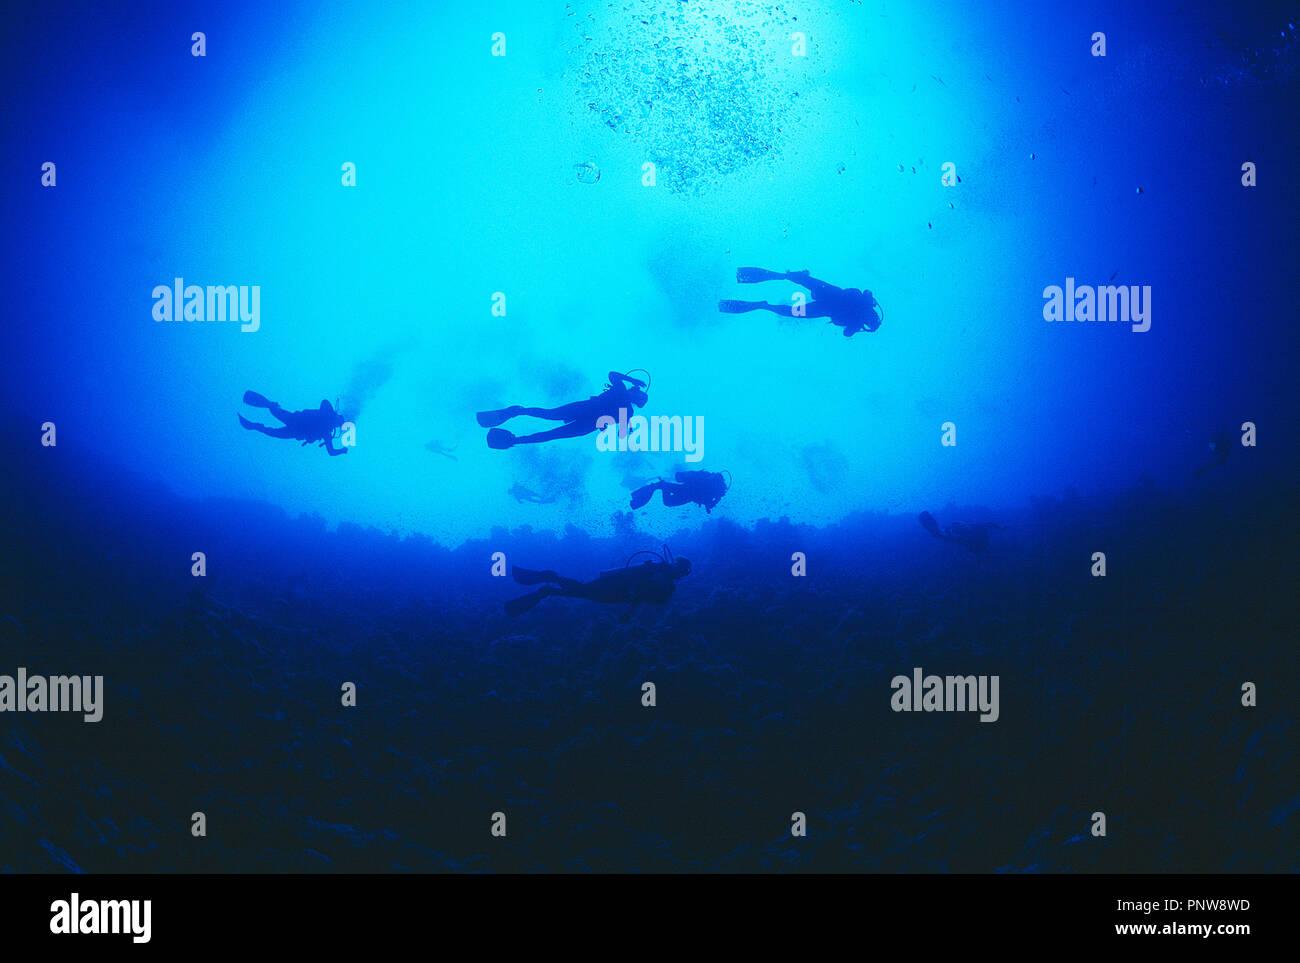 L'Egitto. Mar Rosso. Un gruppo di dieci subacquei sott'acqua. Visto da sotto. Immagini Stock